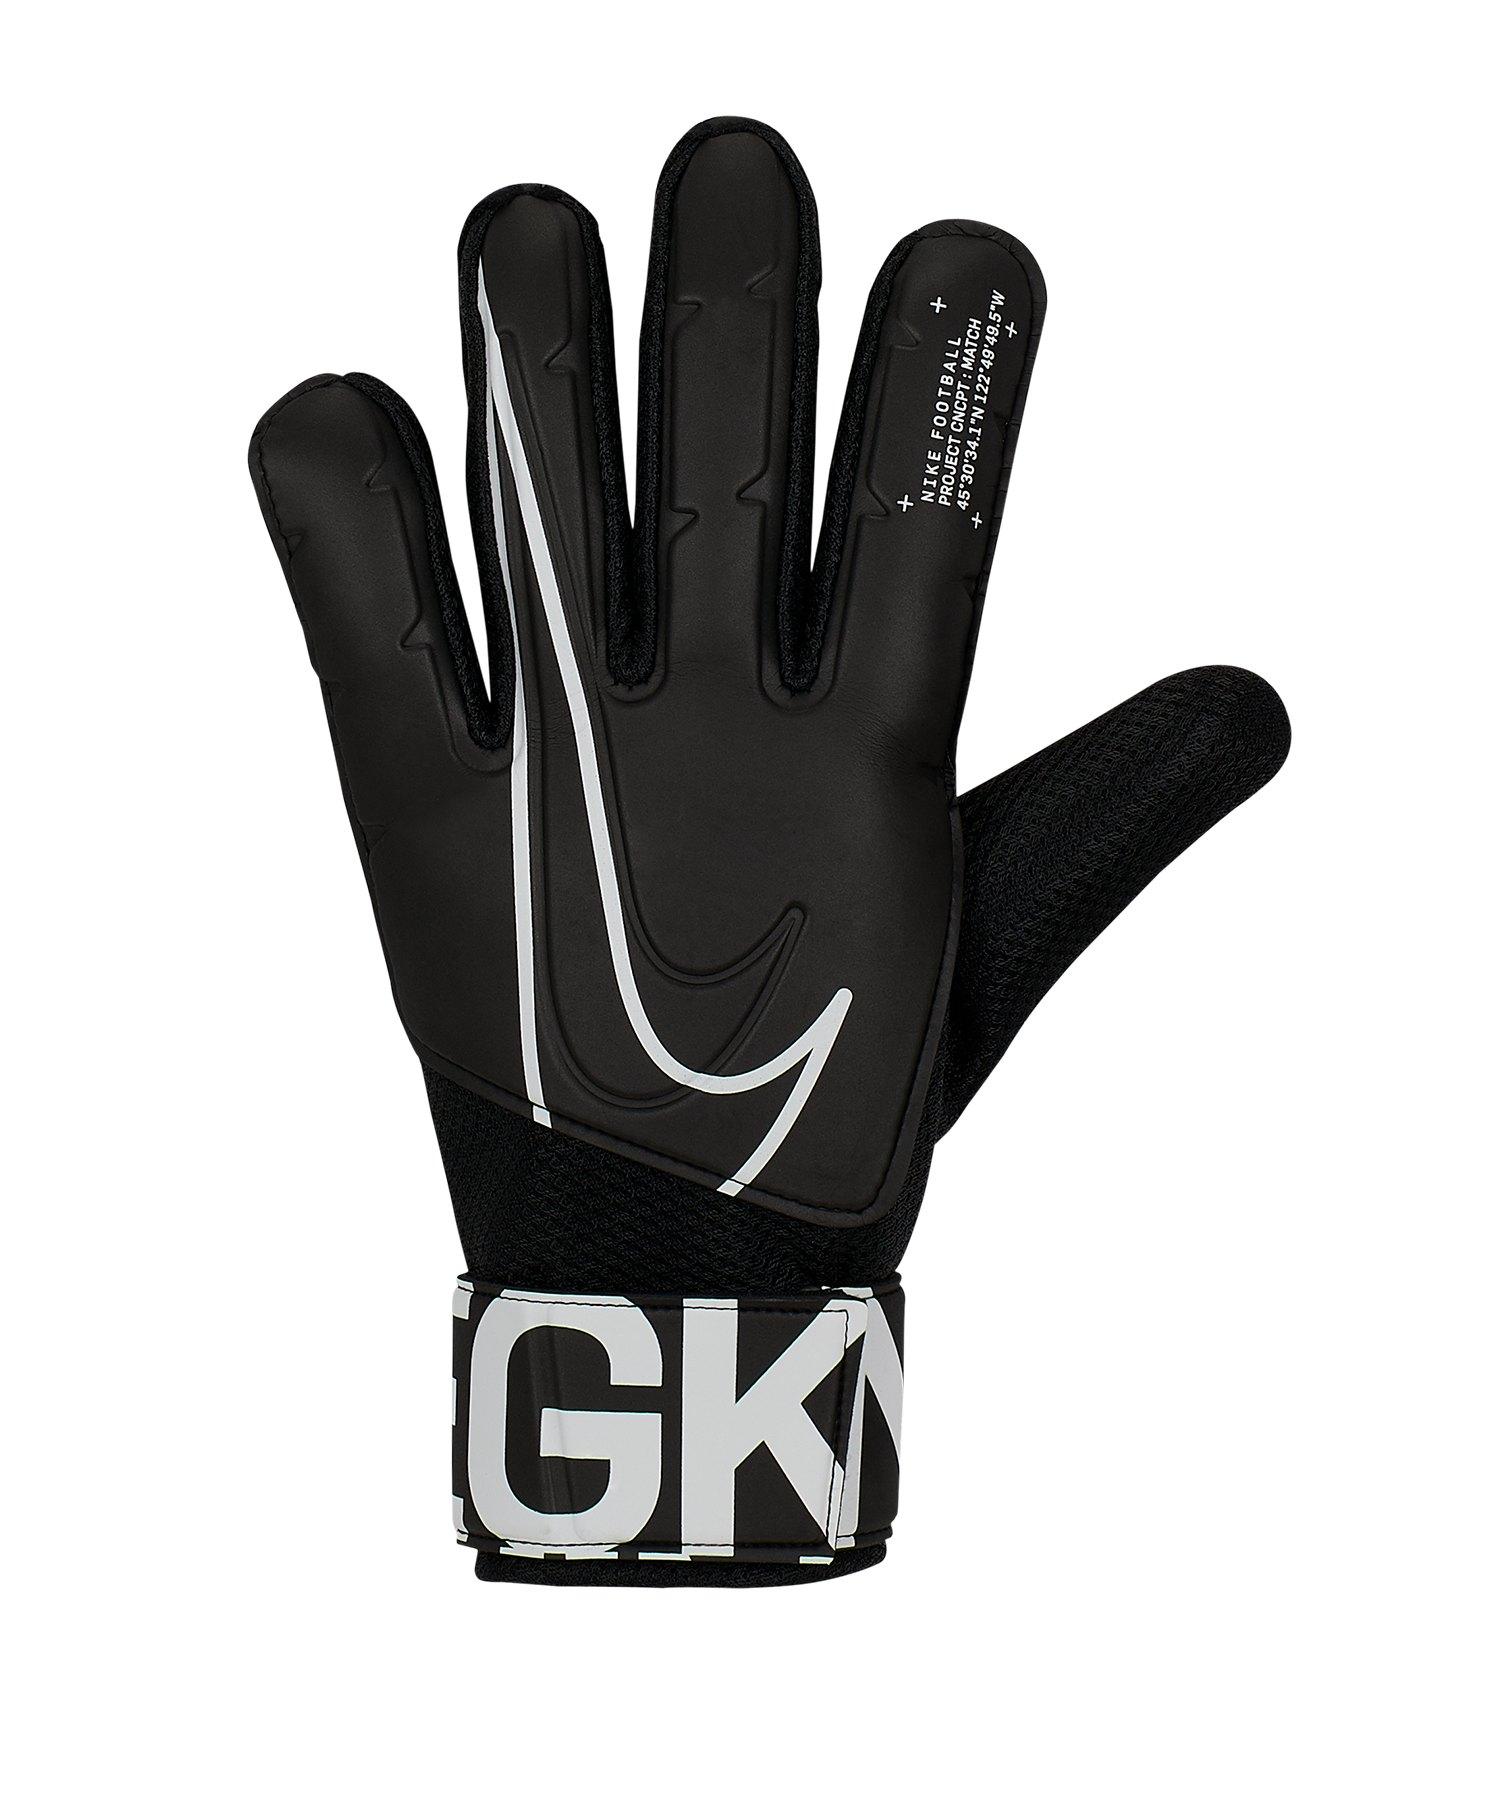 Nike Match Torwarthandschuh Schwarz F010 - schwarz